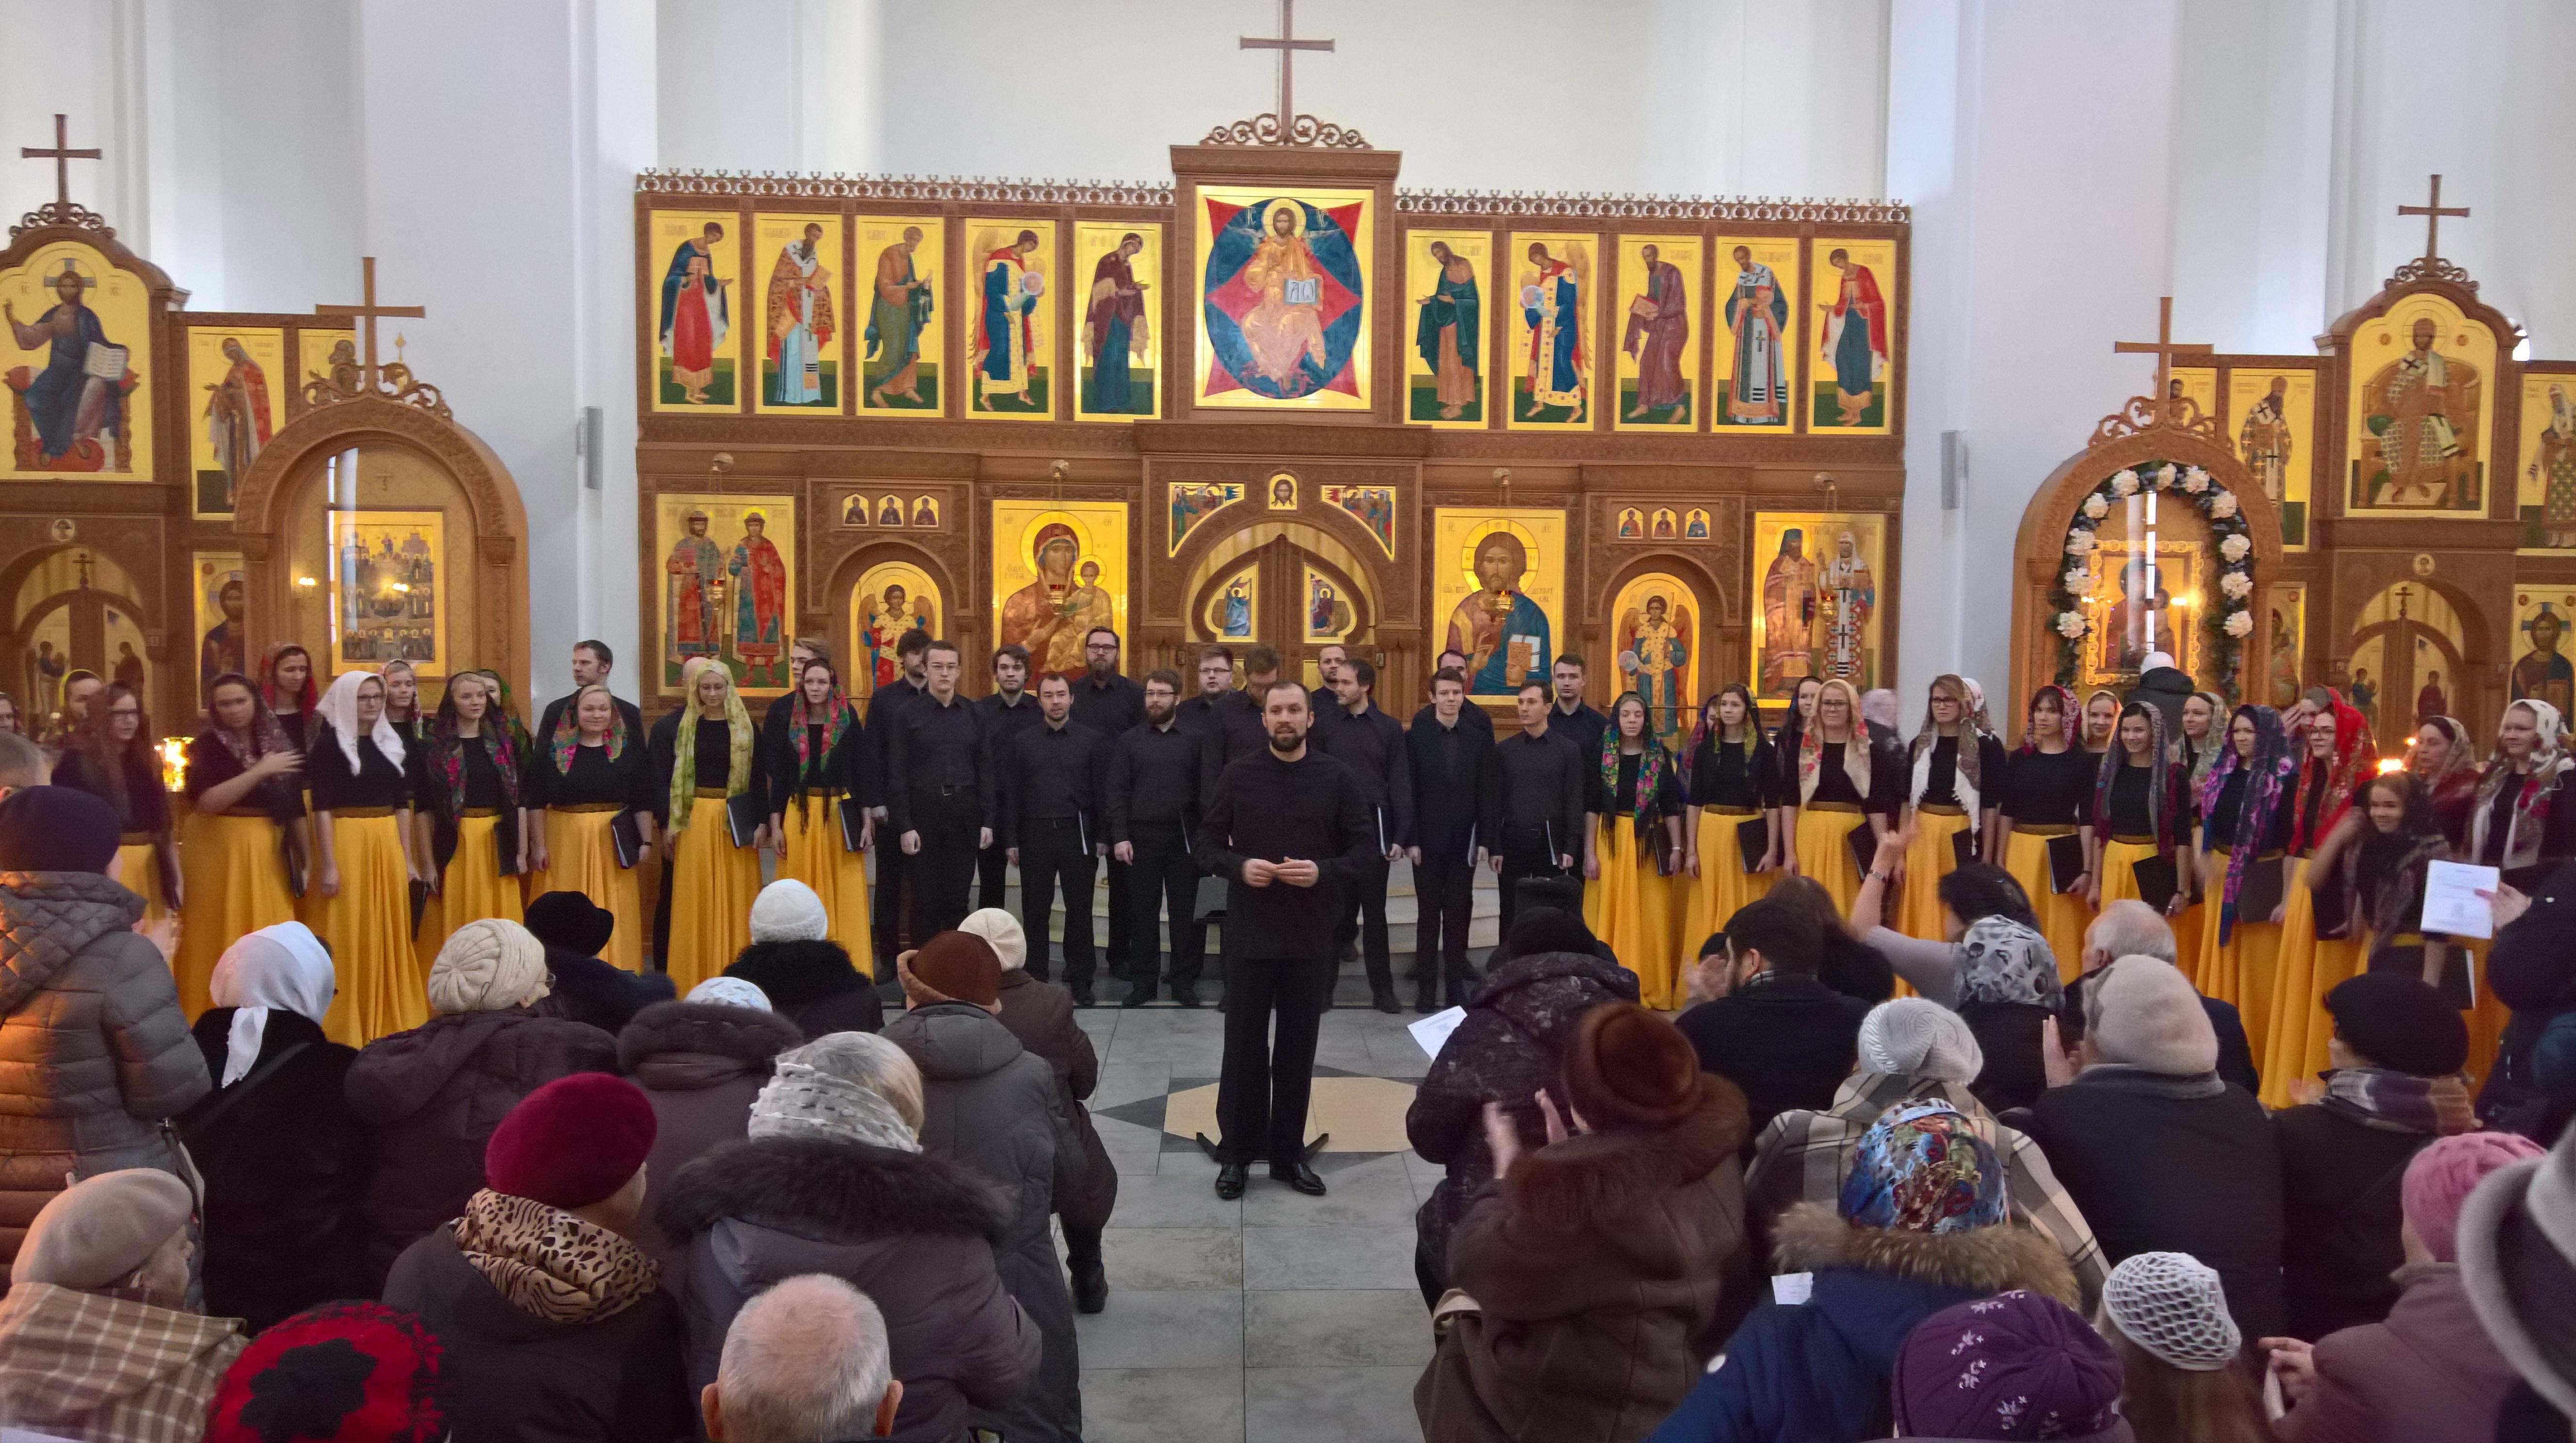 Tallinna Jumalaema Kiirestikuulja ikooni kirikus